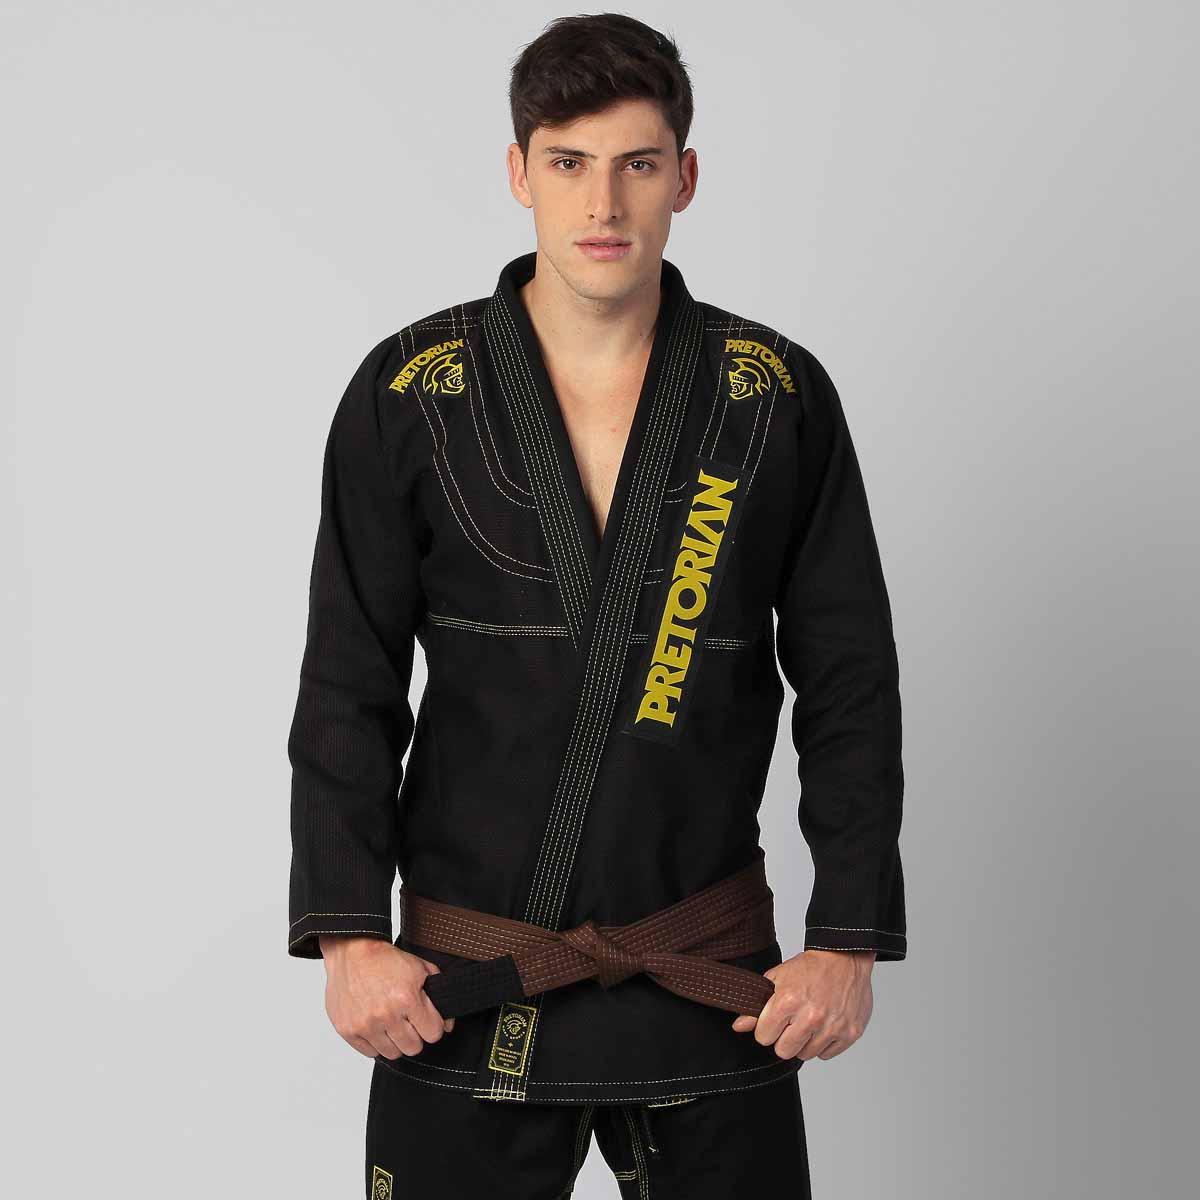 Kimono Jiu Jitsu - Pretorian Pro - Preto